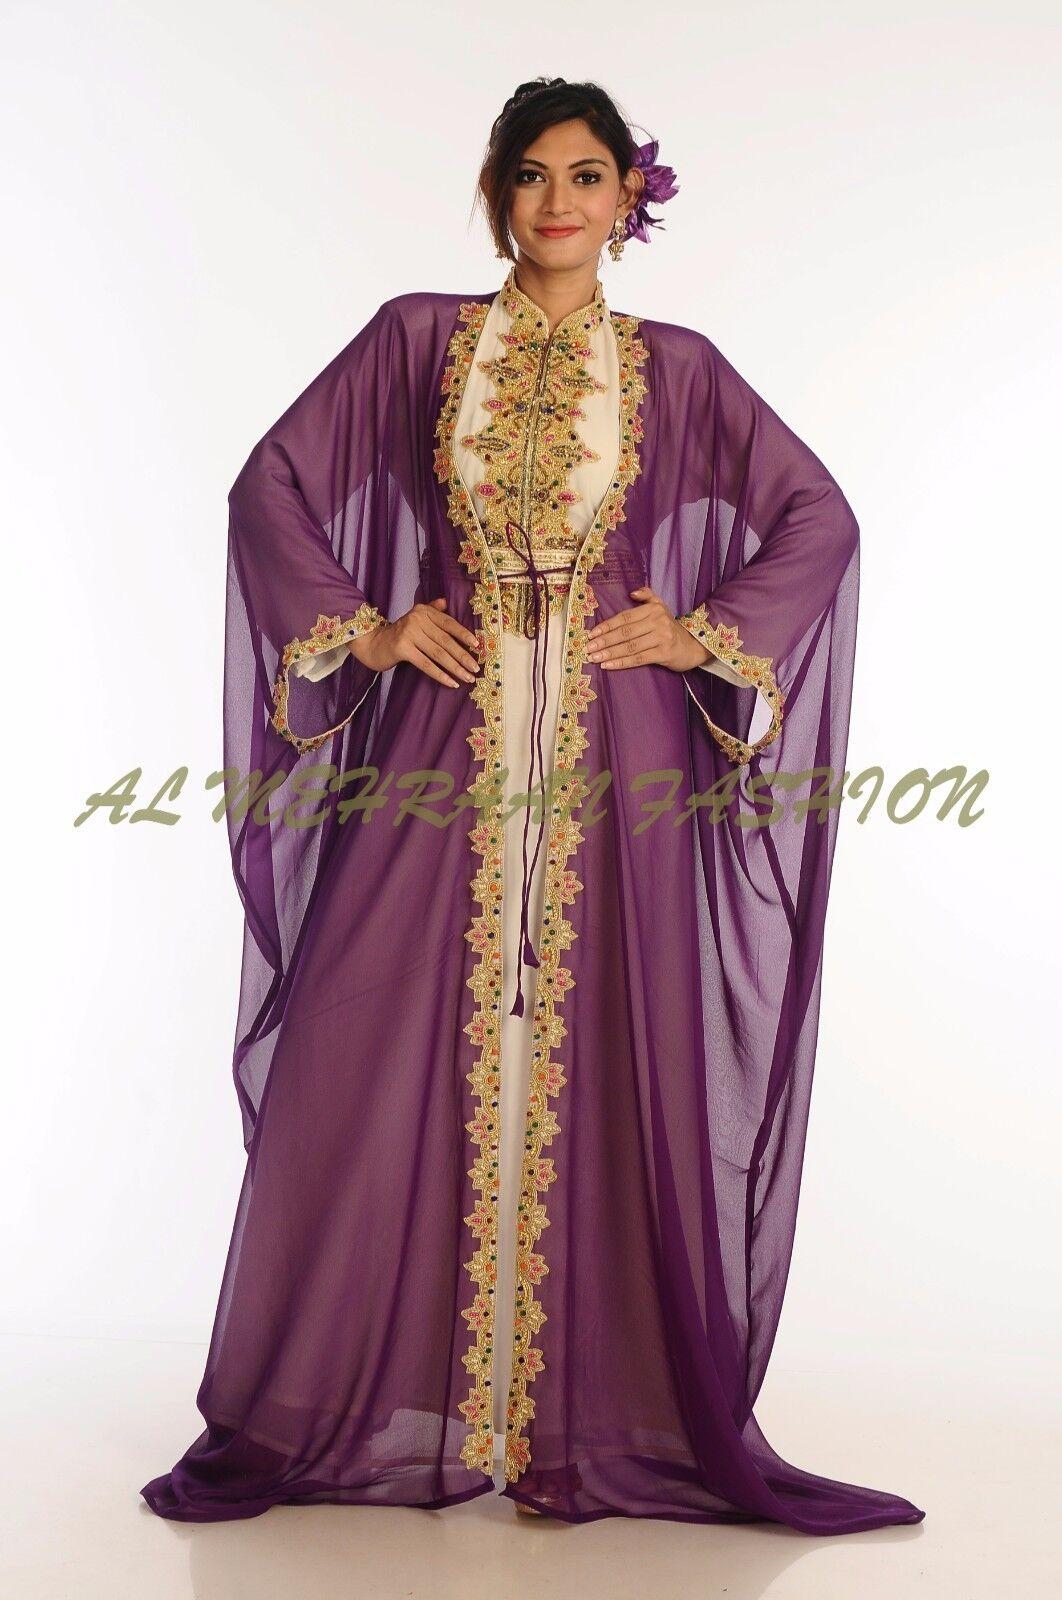 MgoldCCAN FANCY JILBAB ARABIAN GOWN BY AL AL AL MEHRAAN FASHION FOR WOMEN DRESS  6008 f3f977